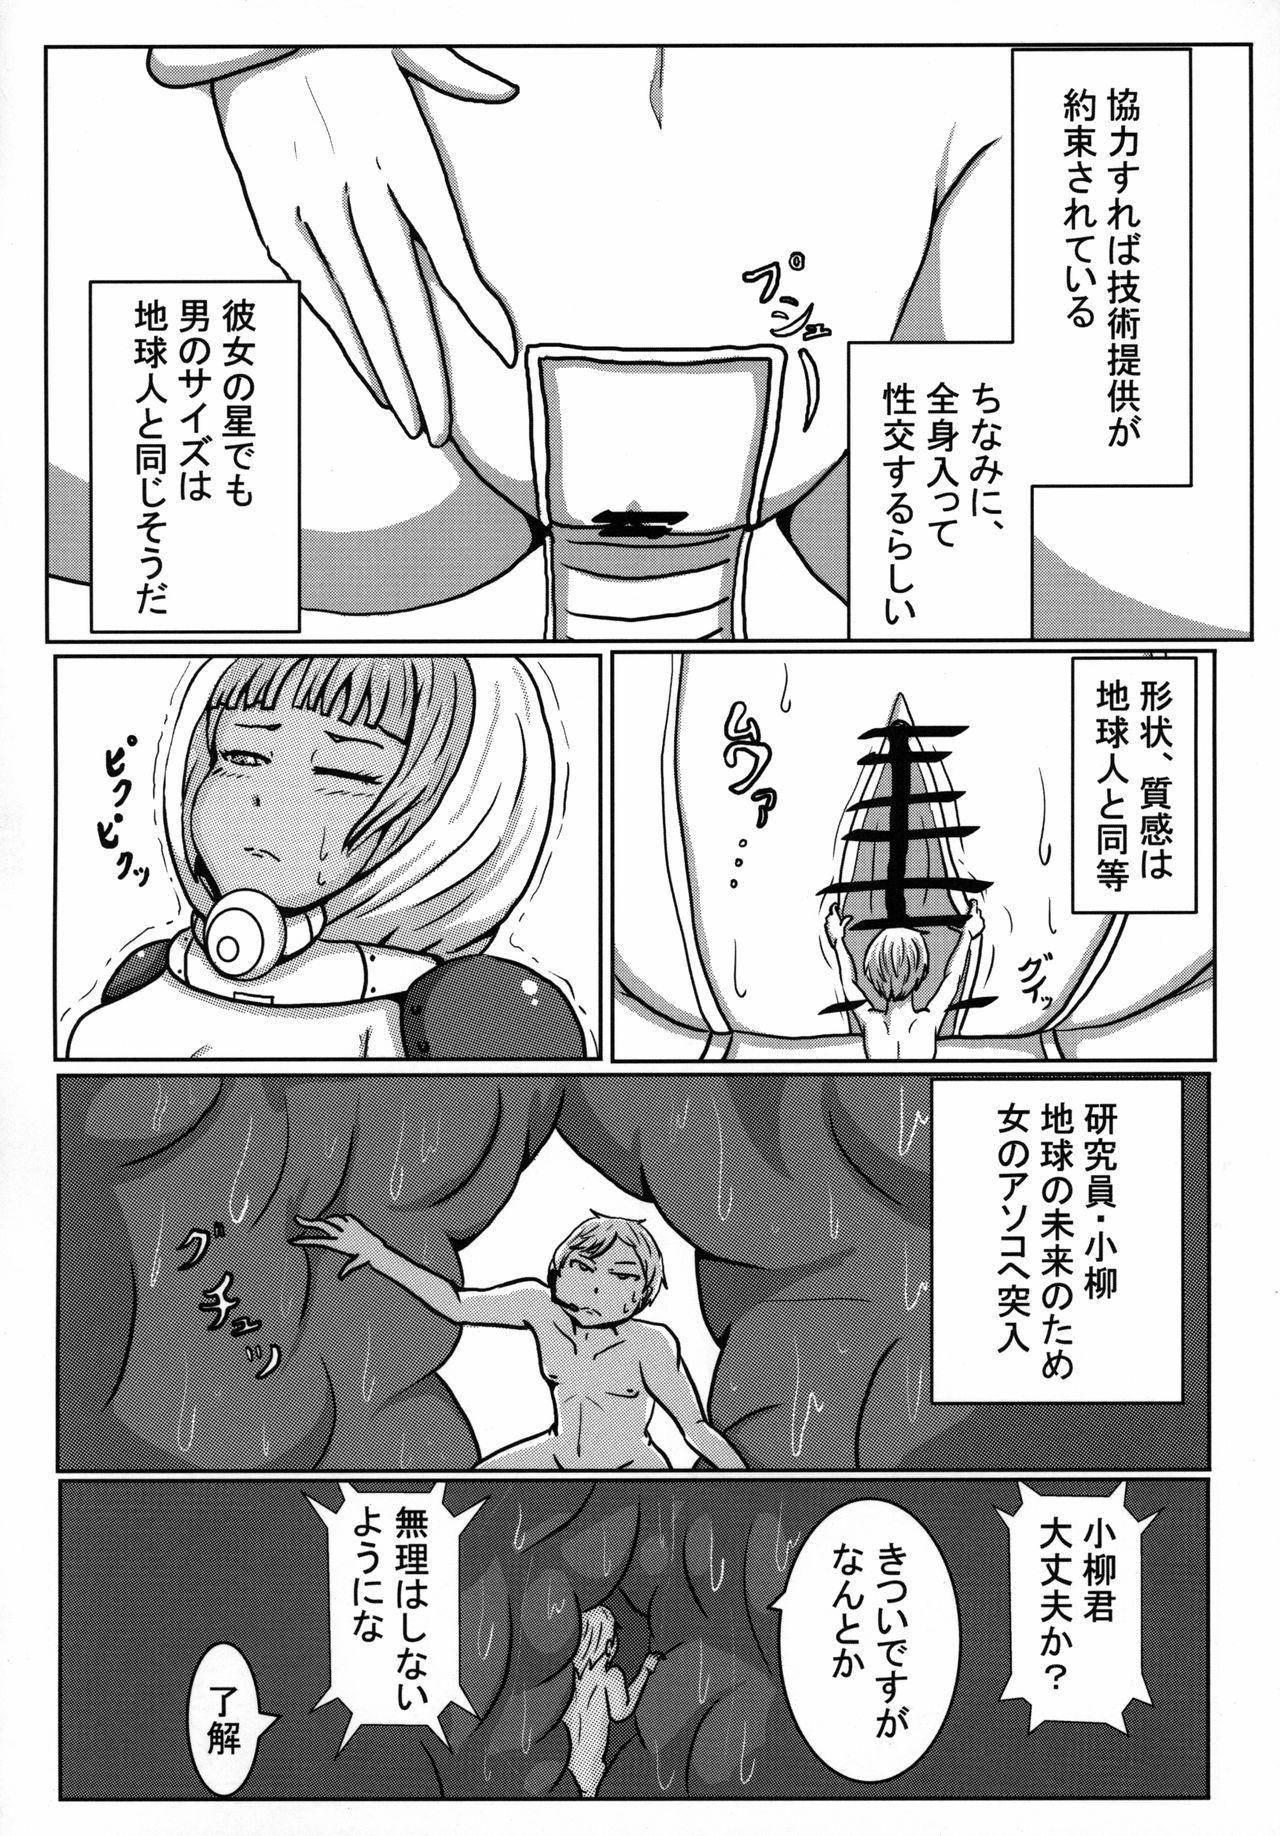 Uchuujin x Kyojo / Size-sa Goudoushi Reiwagou 118